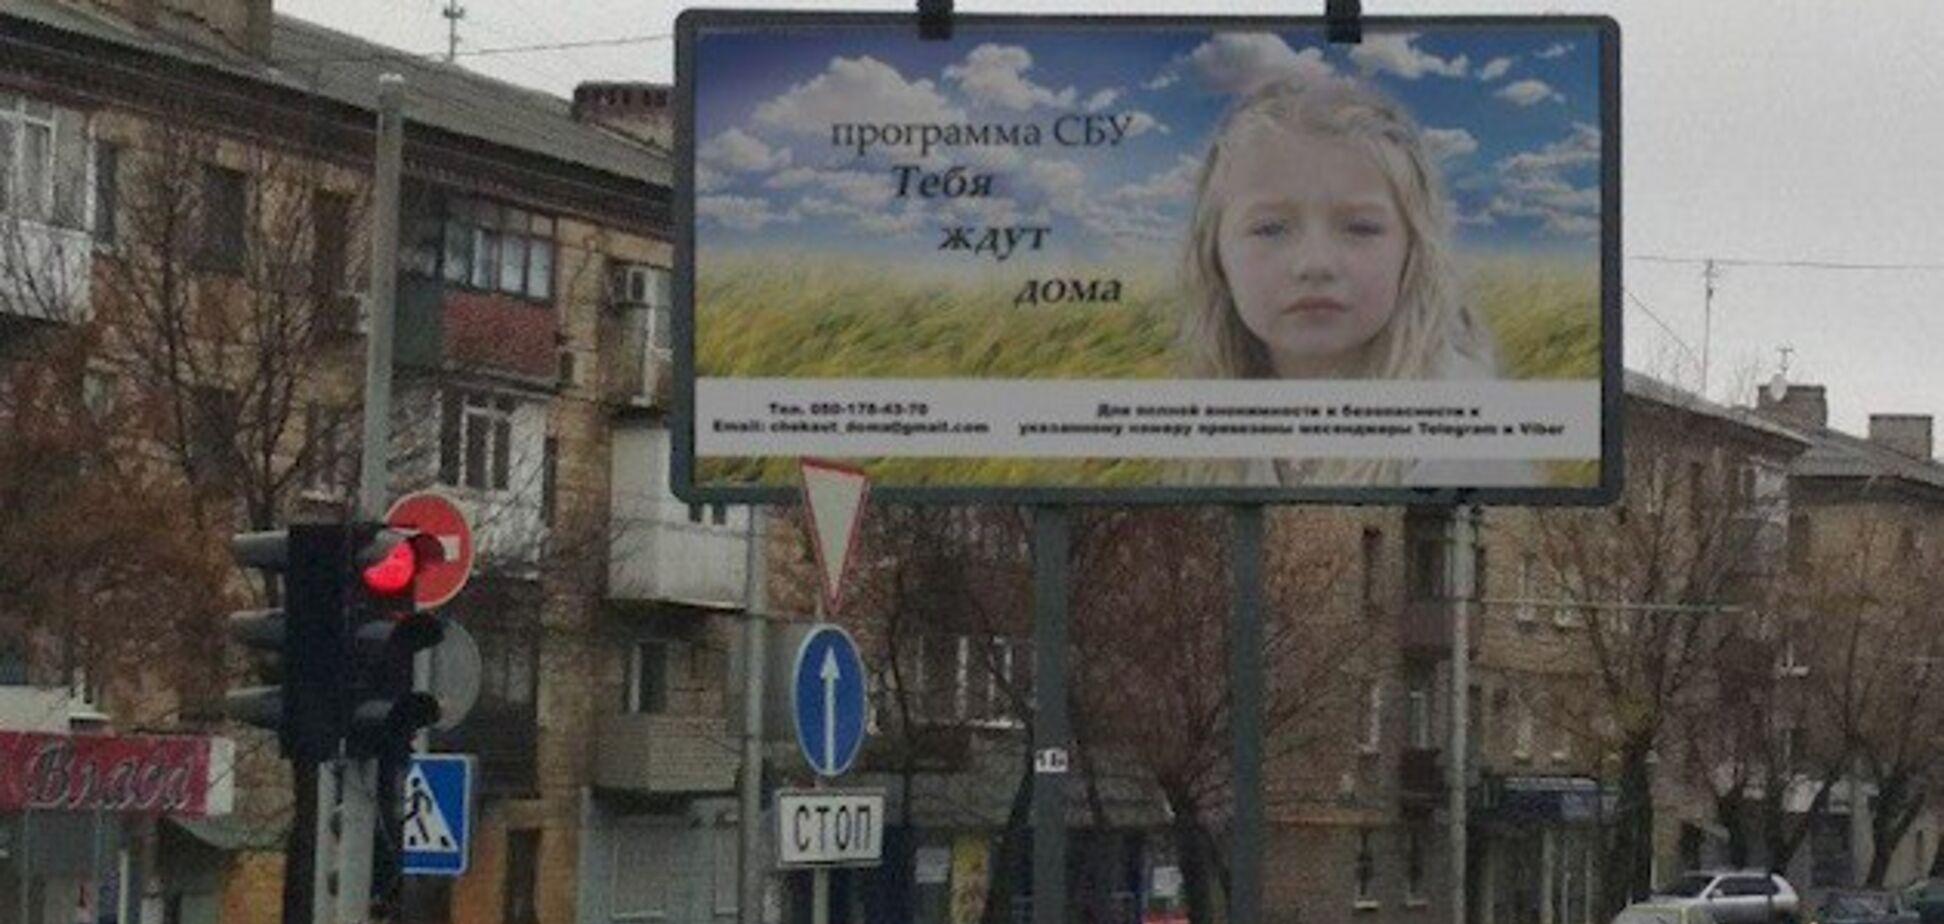 Це подвиг: військовий експерт зацінив тролінг СБУ в окупованому Донецьку